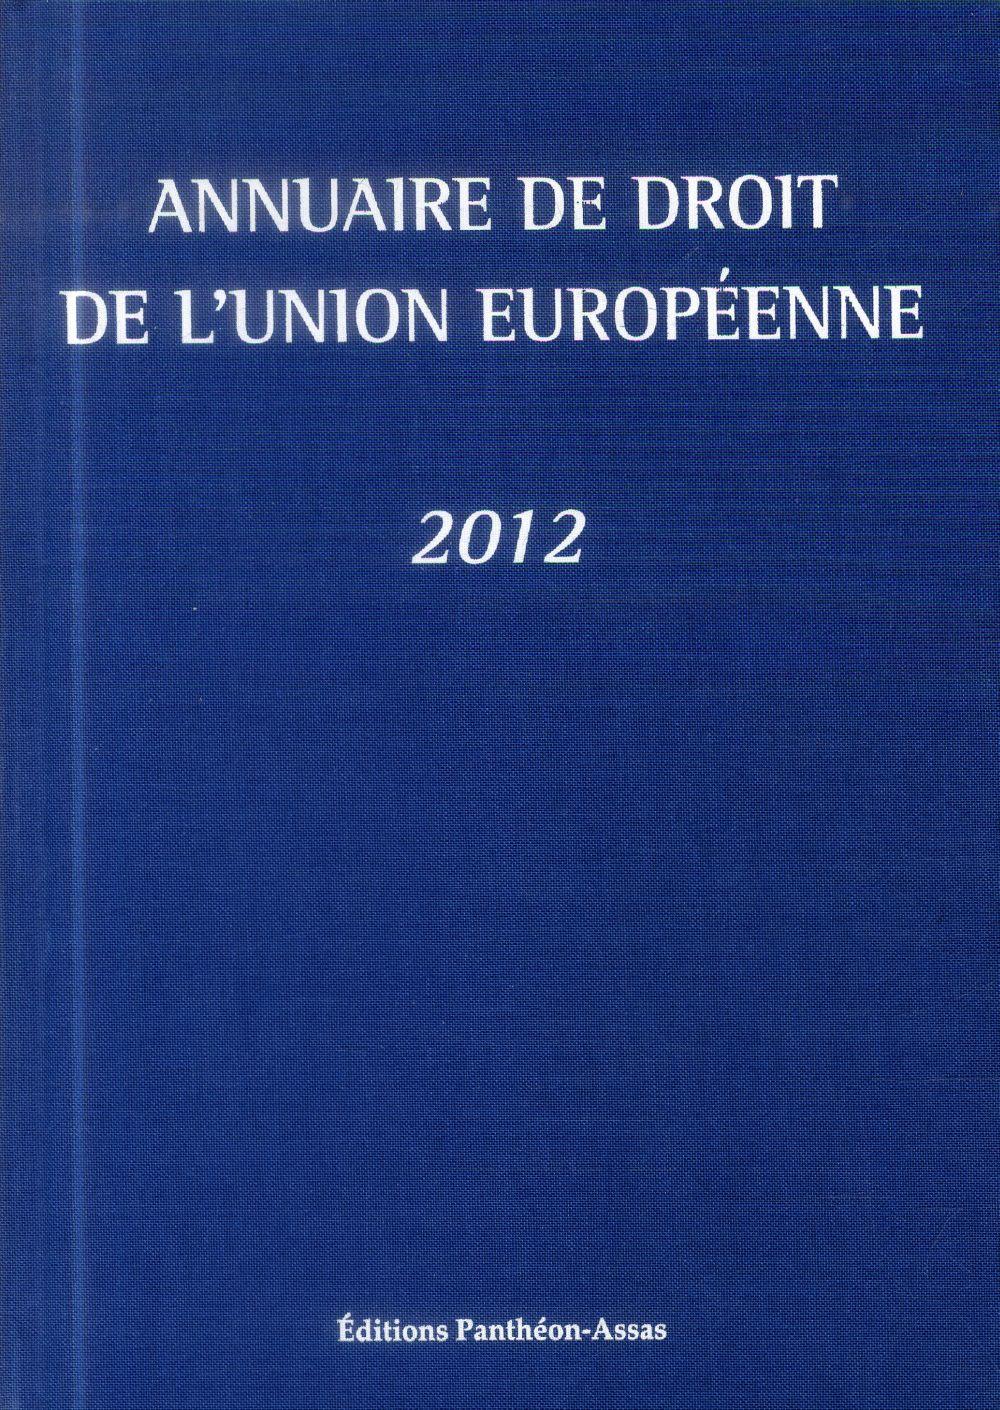 ANNUAIRE DE DROIT DE L'UNION EUROPEENNE 2012